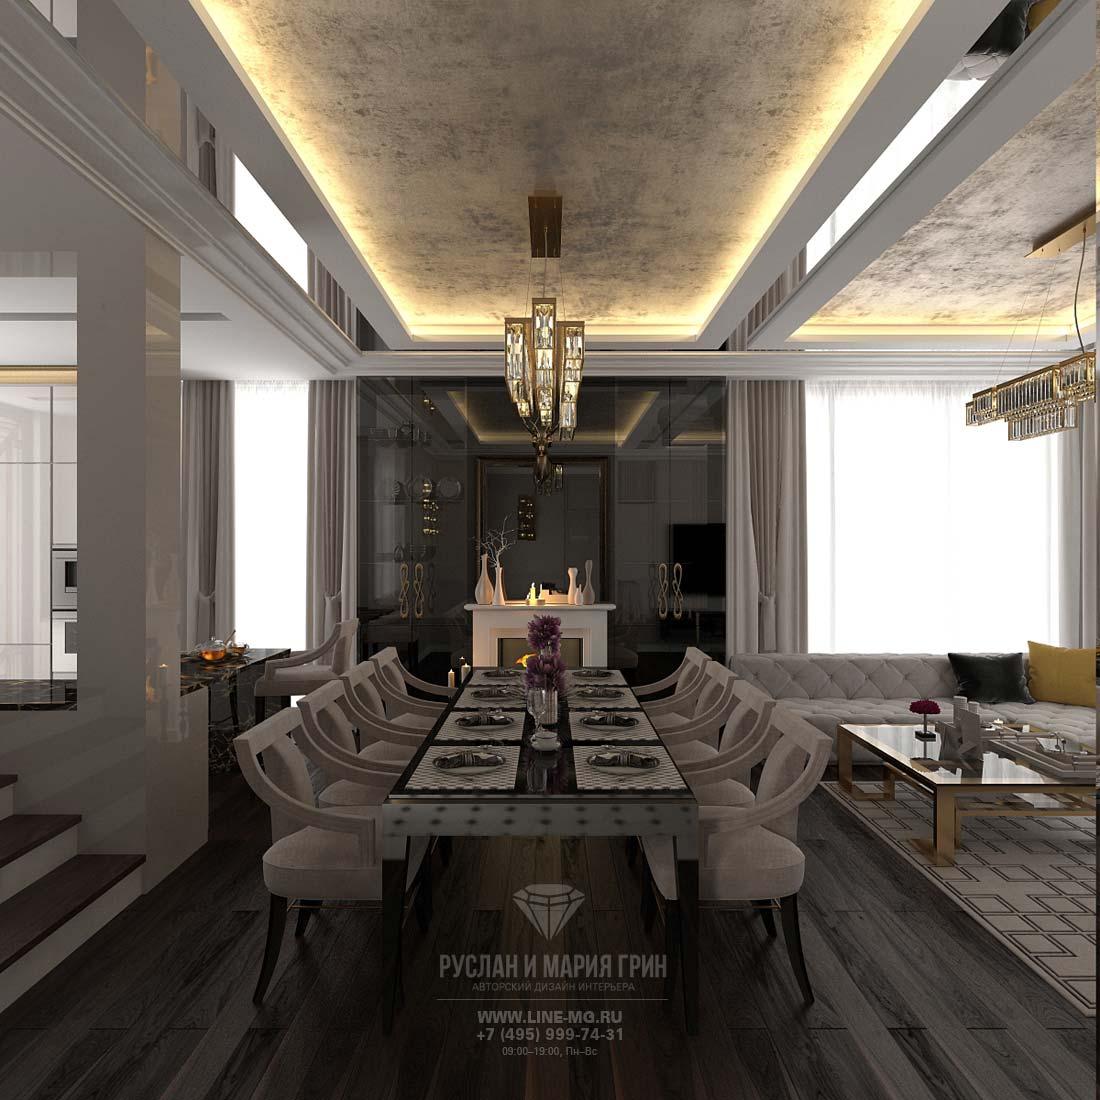 Дизайн интерьера гостиной в стиле арт-деко. Фото 2016